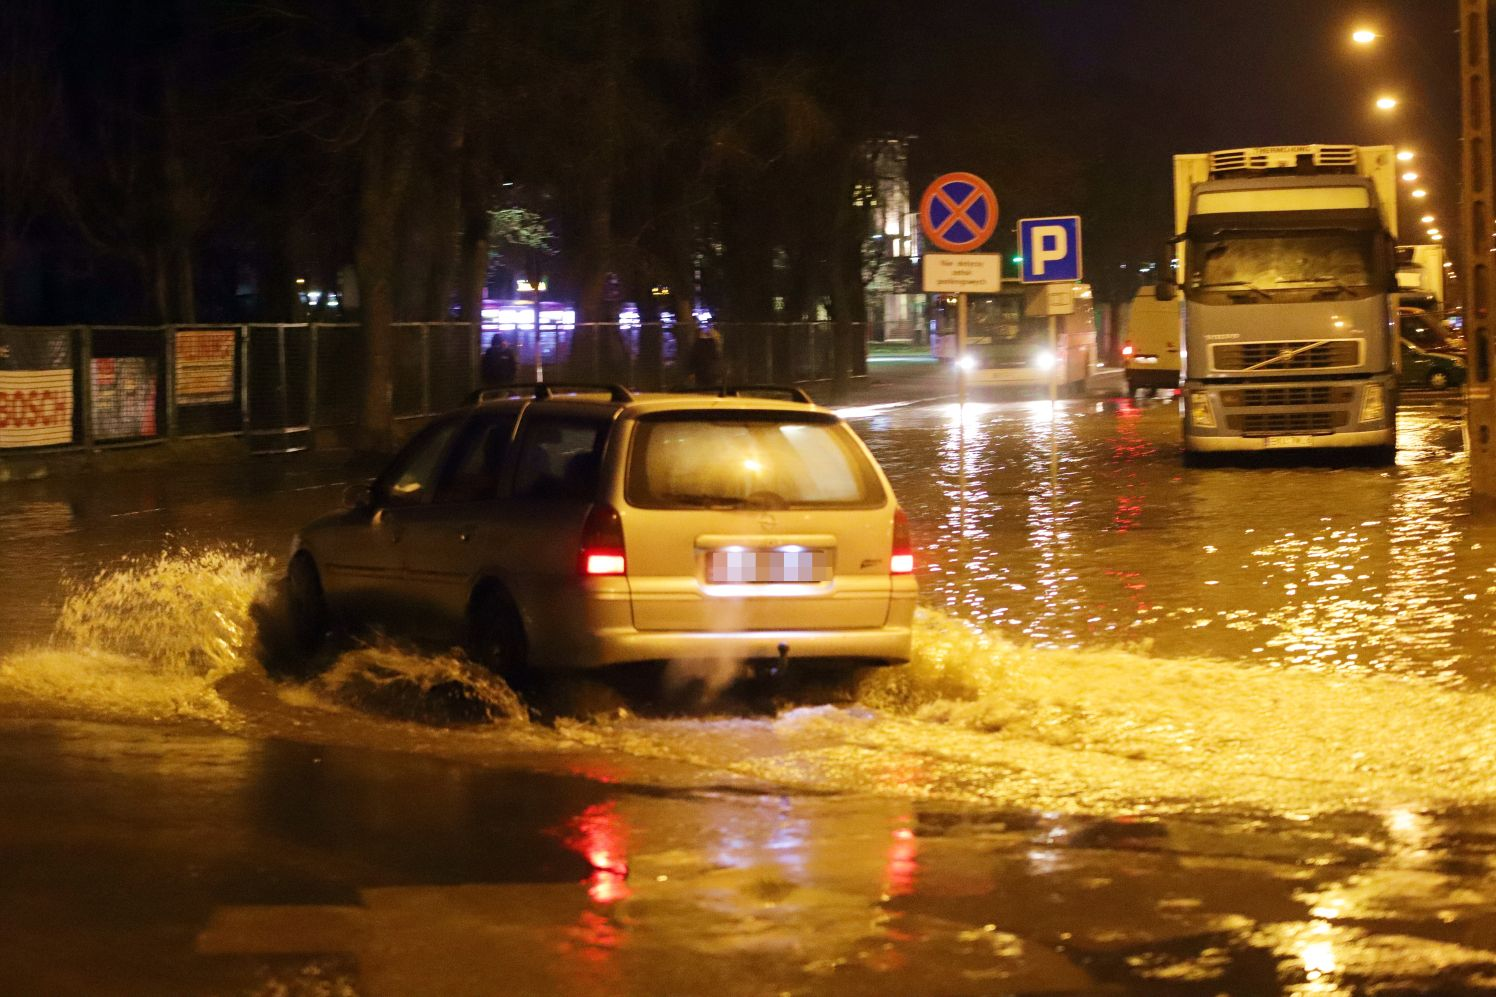 [ZDJĘCIA] Woda zalewa drogę. Gigantyczna awaria niedaleko dworca - Zdjęcie główne